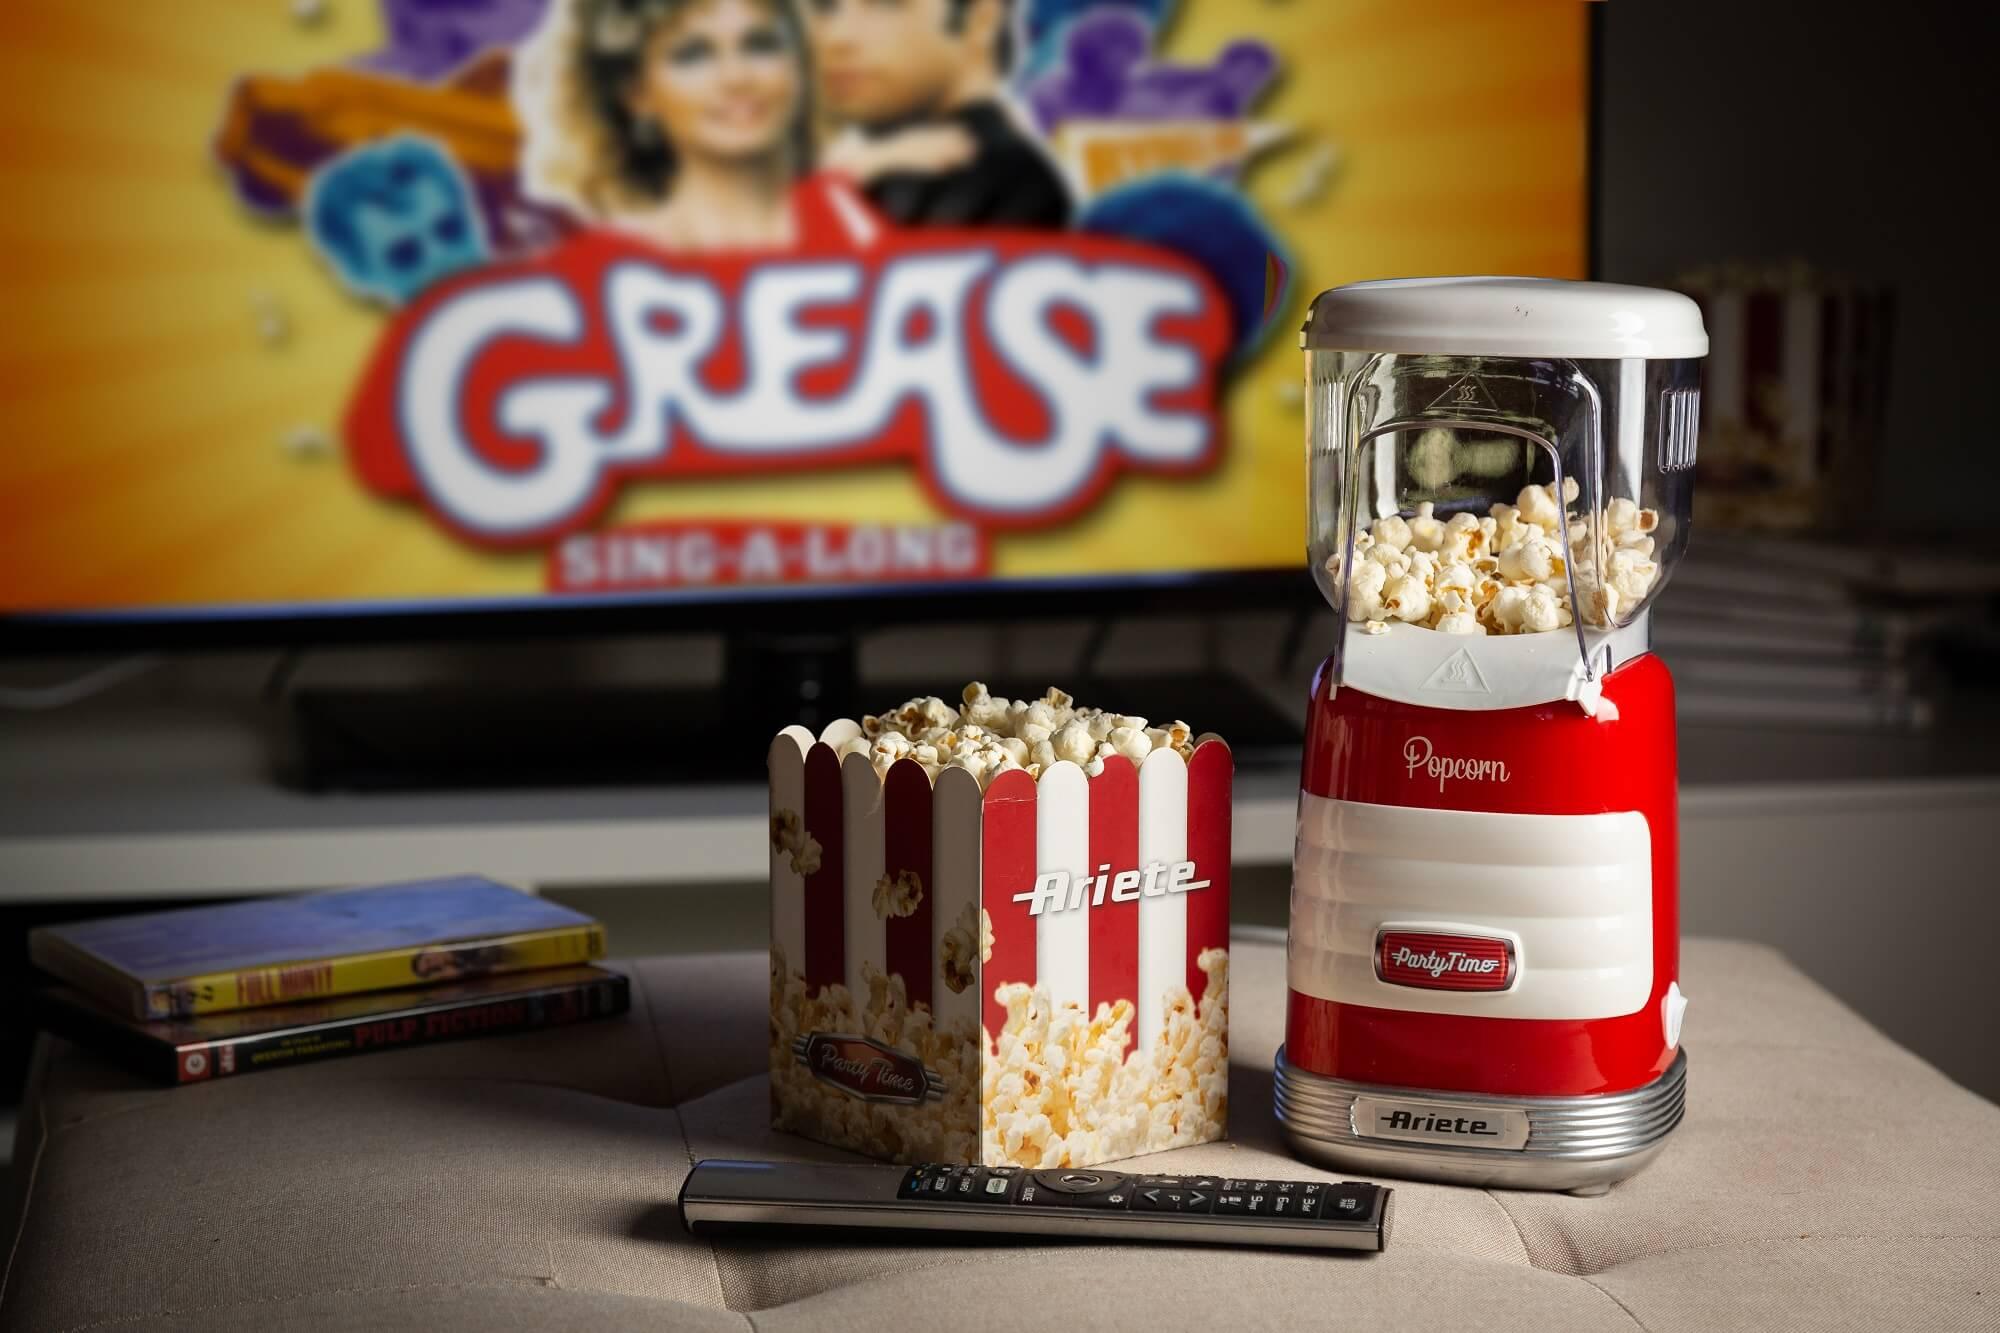 macchina per popcorn party time ariete 2956 rosso